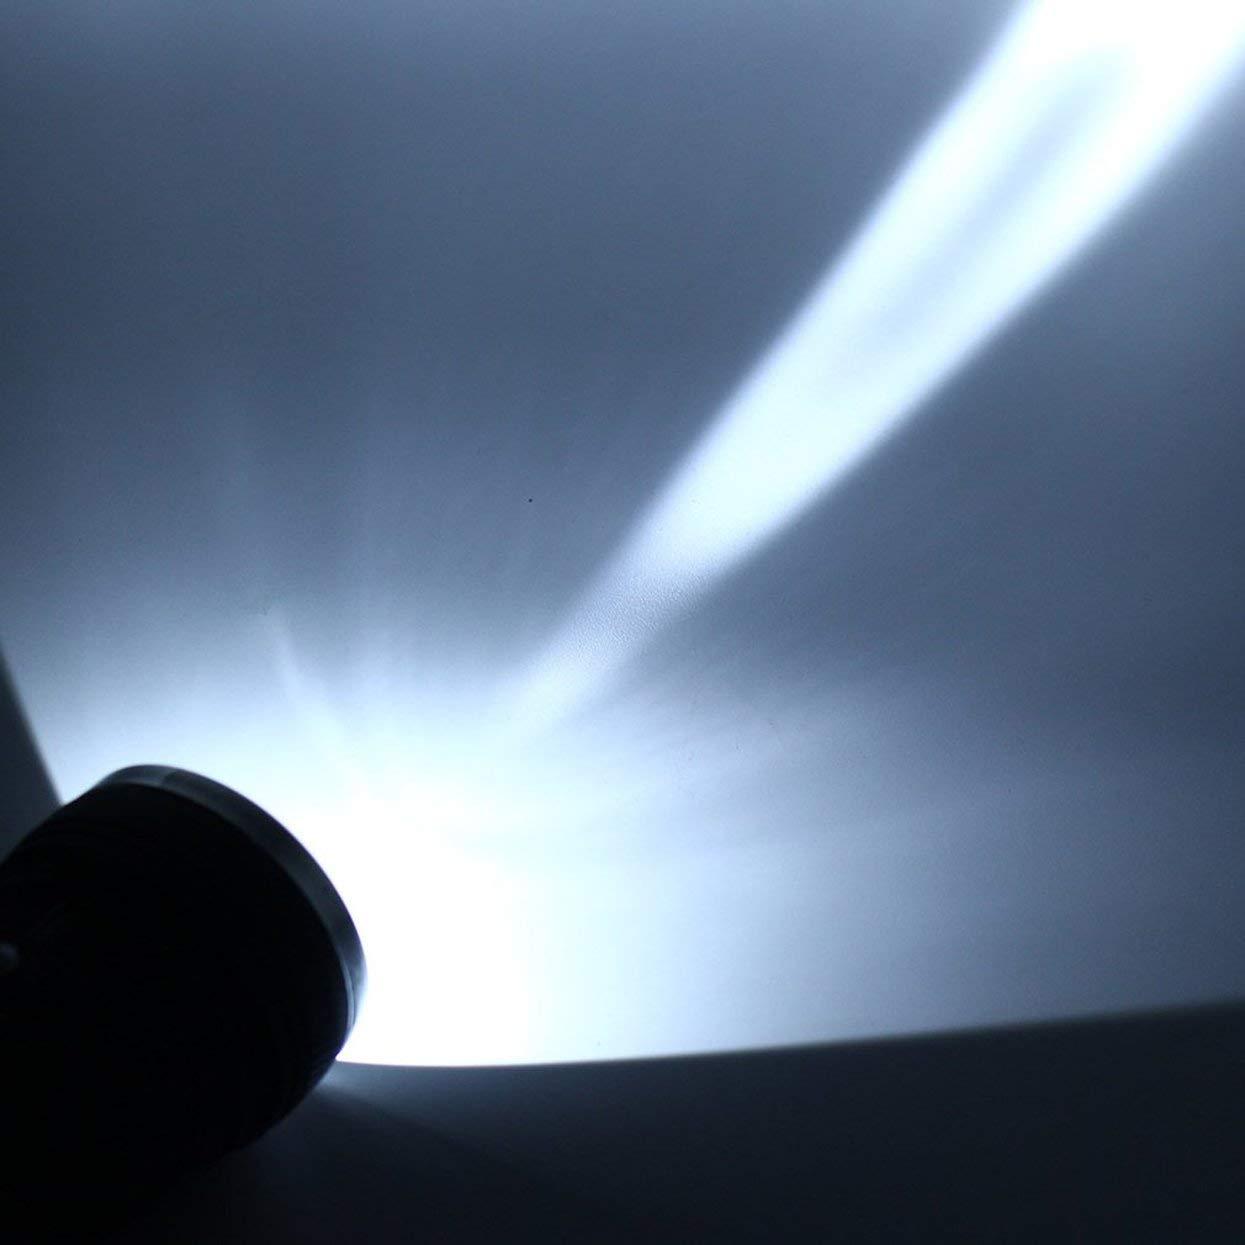 Super Bright USB Ricaricabile per Le Escursioni Tellaboull for Energia Solare Lampada per Lanterna di Emergenza Torcia a LED Luce per Tenda da Campeggio